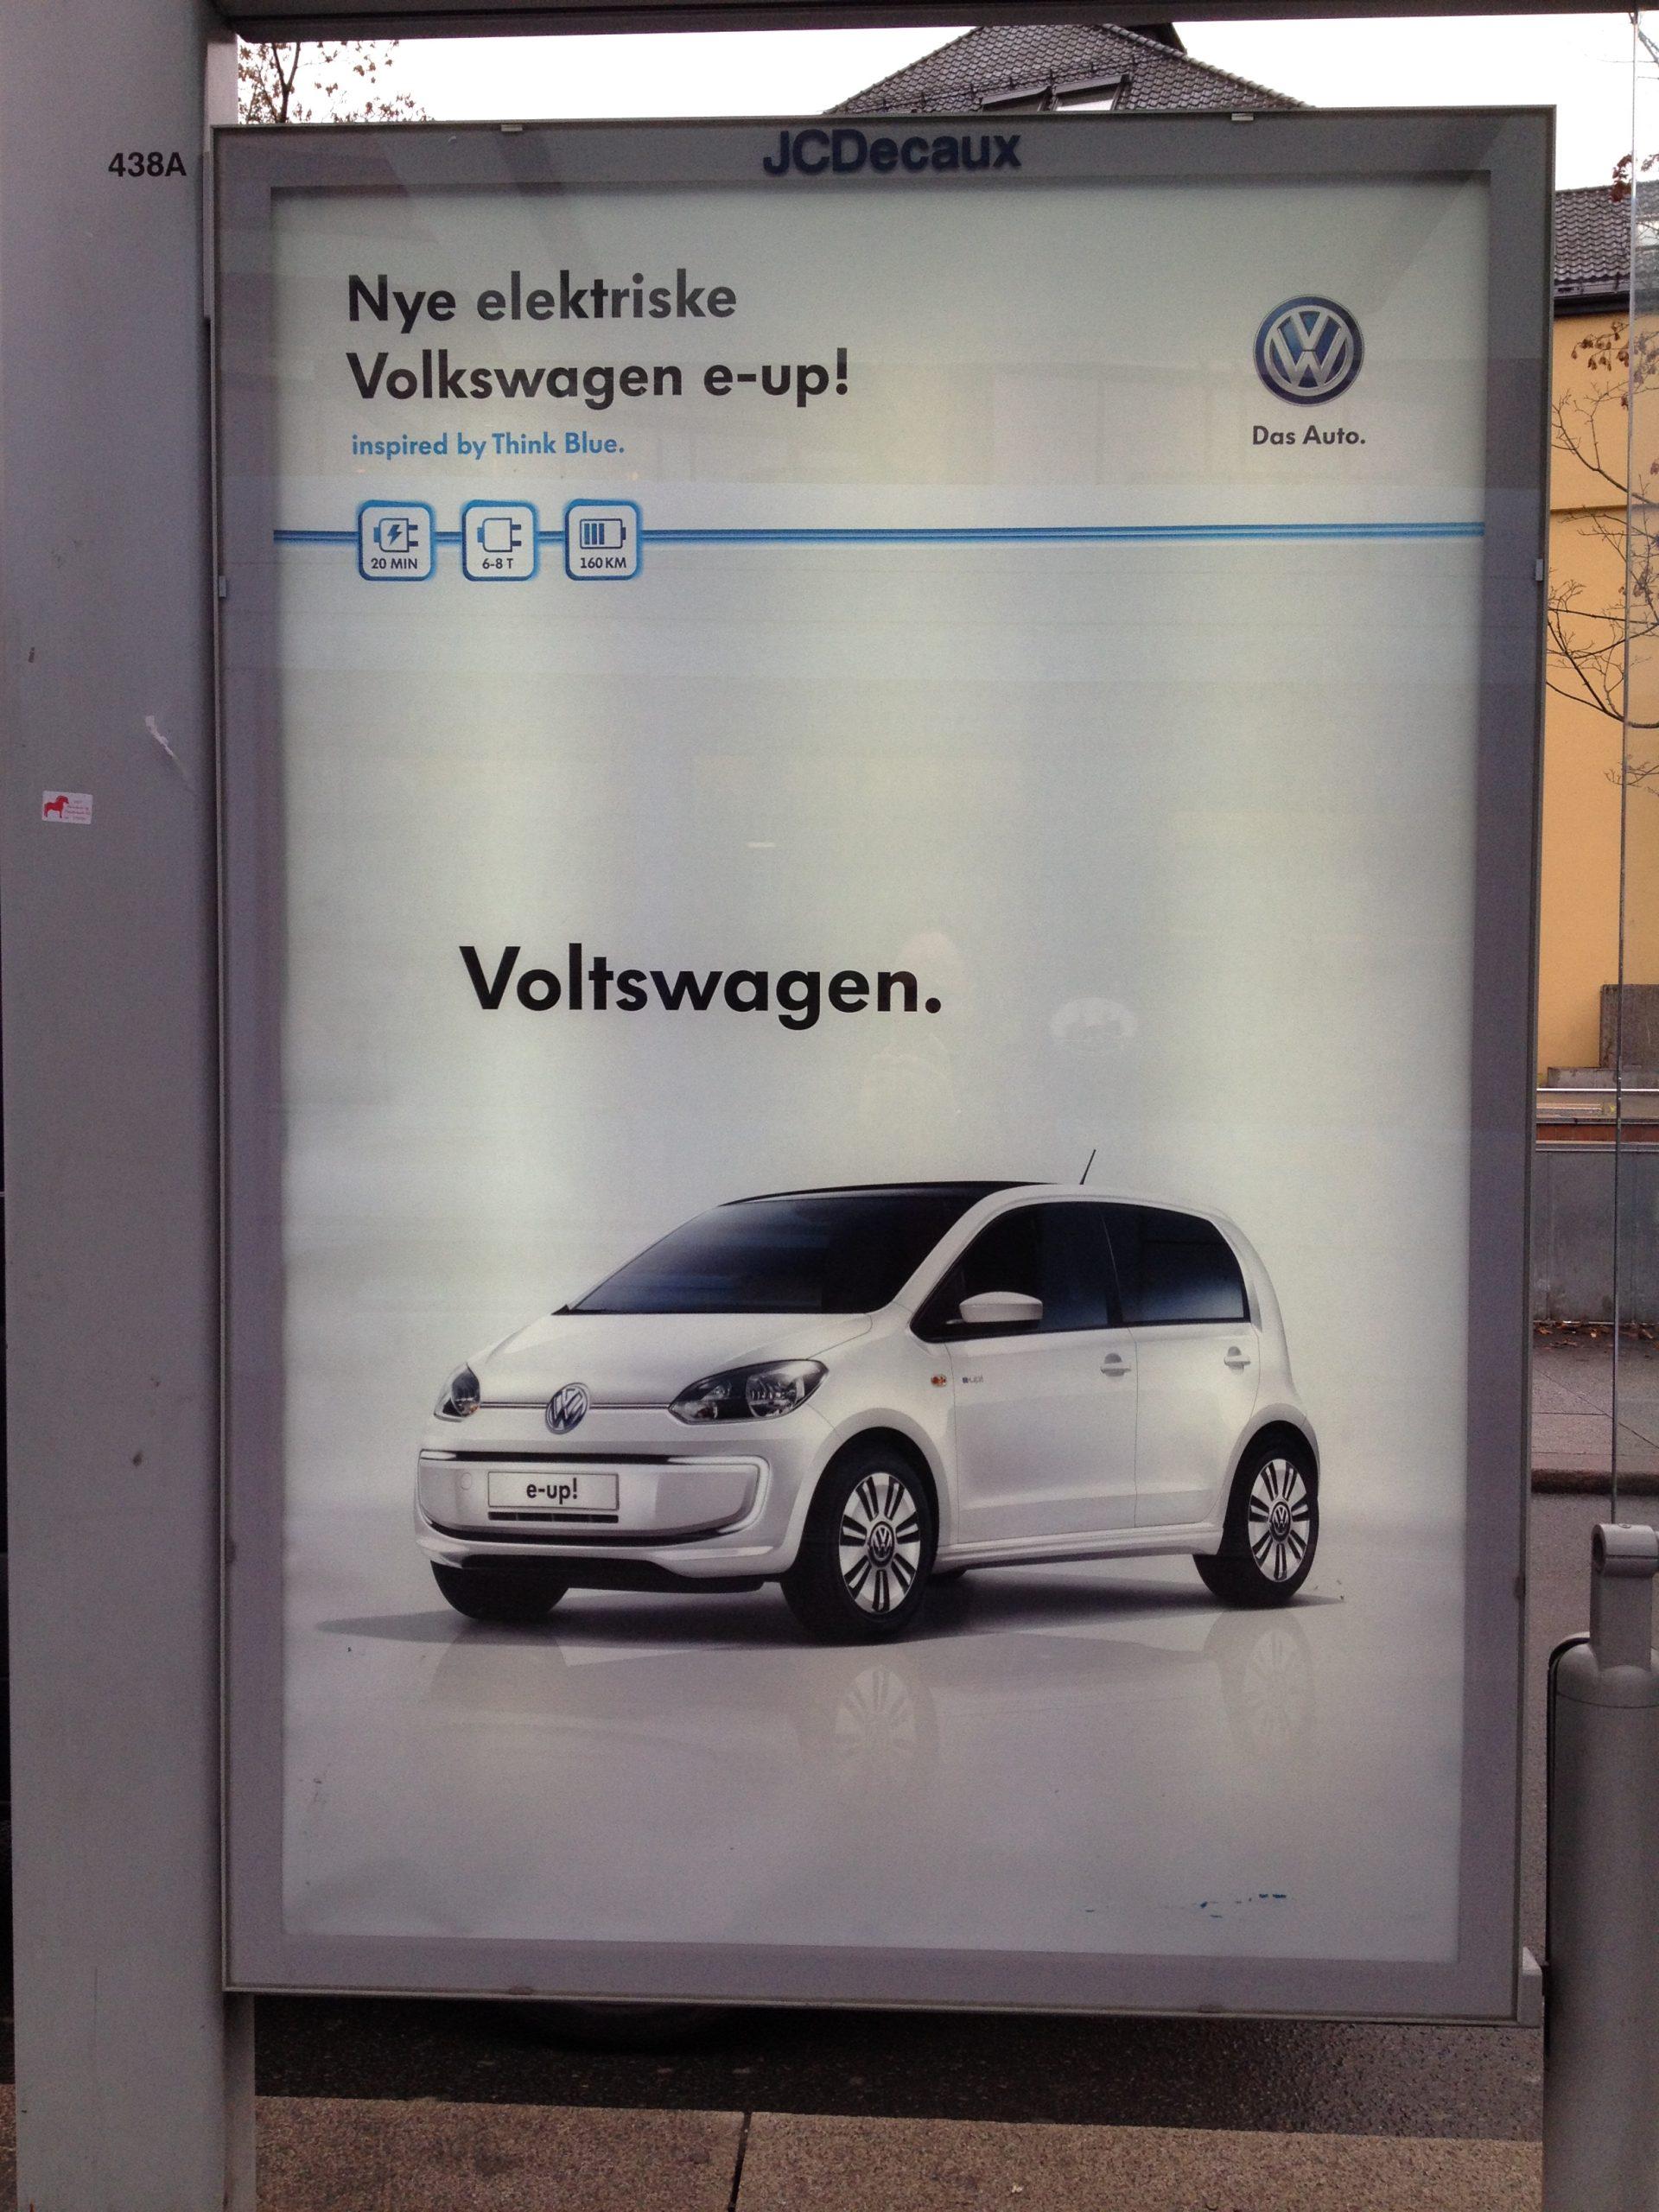 Volkswagen a označenie Voltswagen